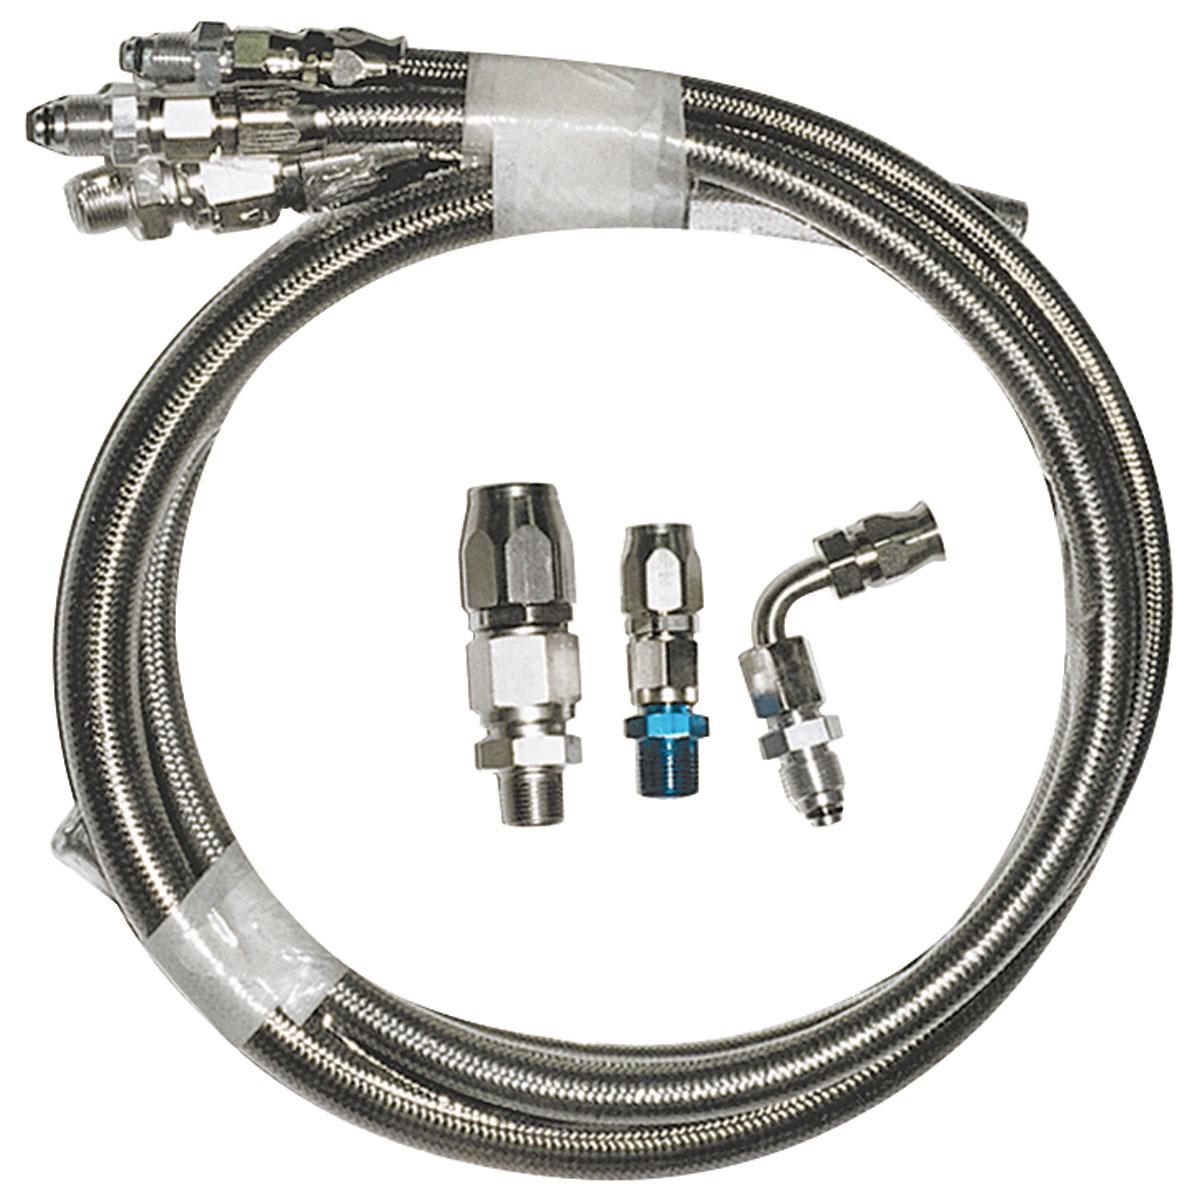 Steering Components For 1964 DeVille @ OPGI.com